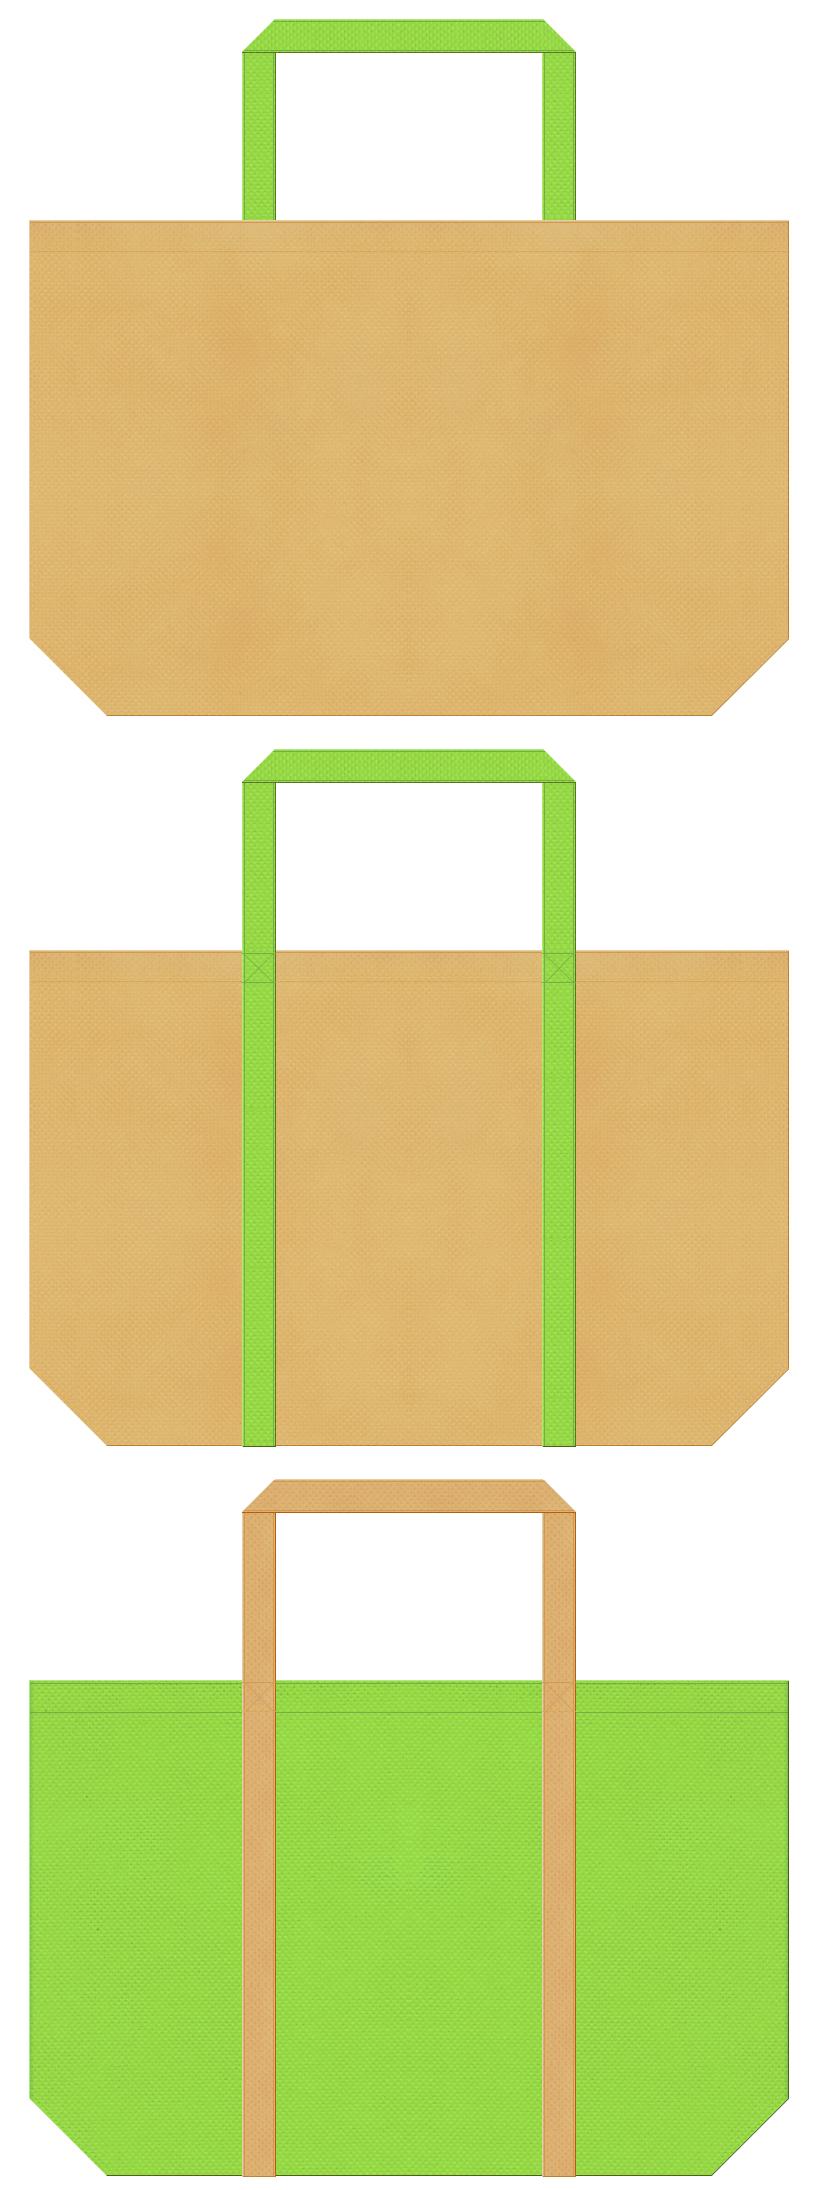 薄黄土色と黄緑色の不織布バッグデザイン。種苗・農業資材の展示会用バッグにお奨めです。